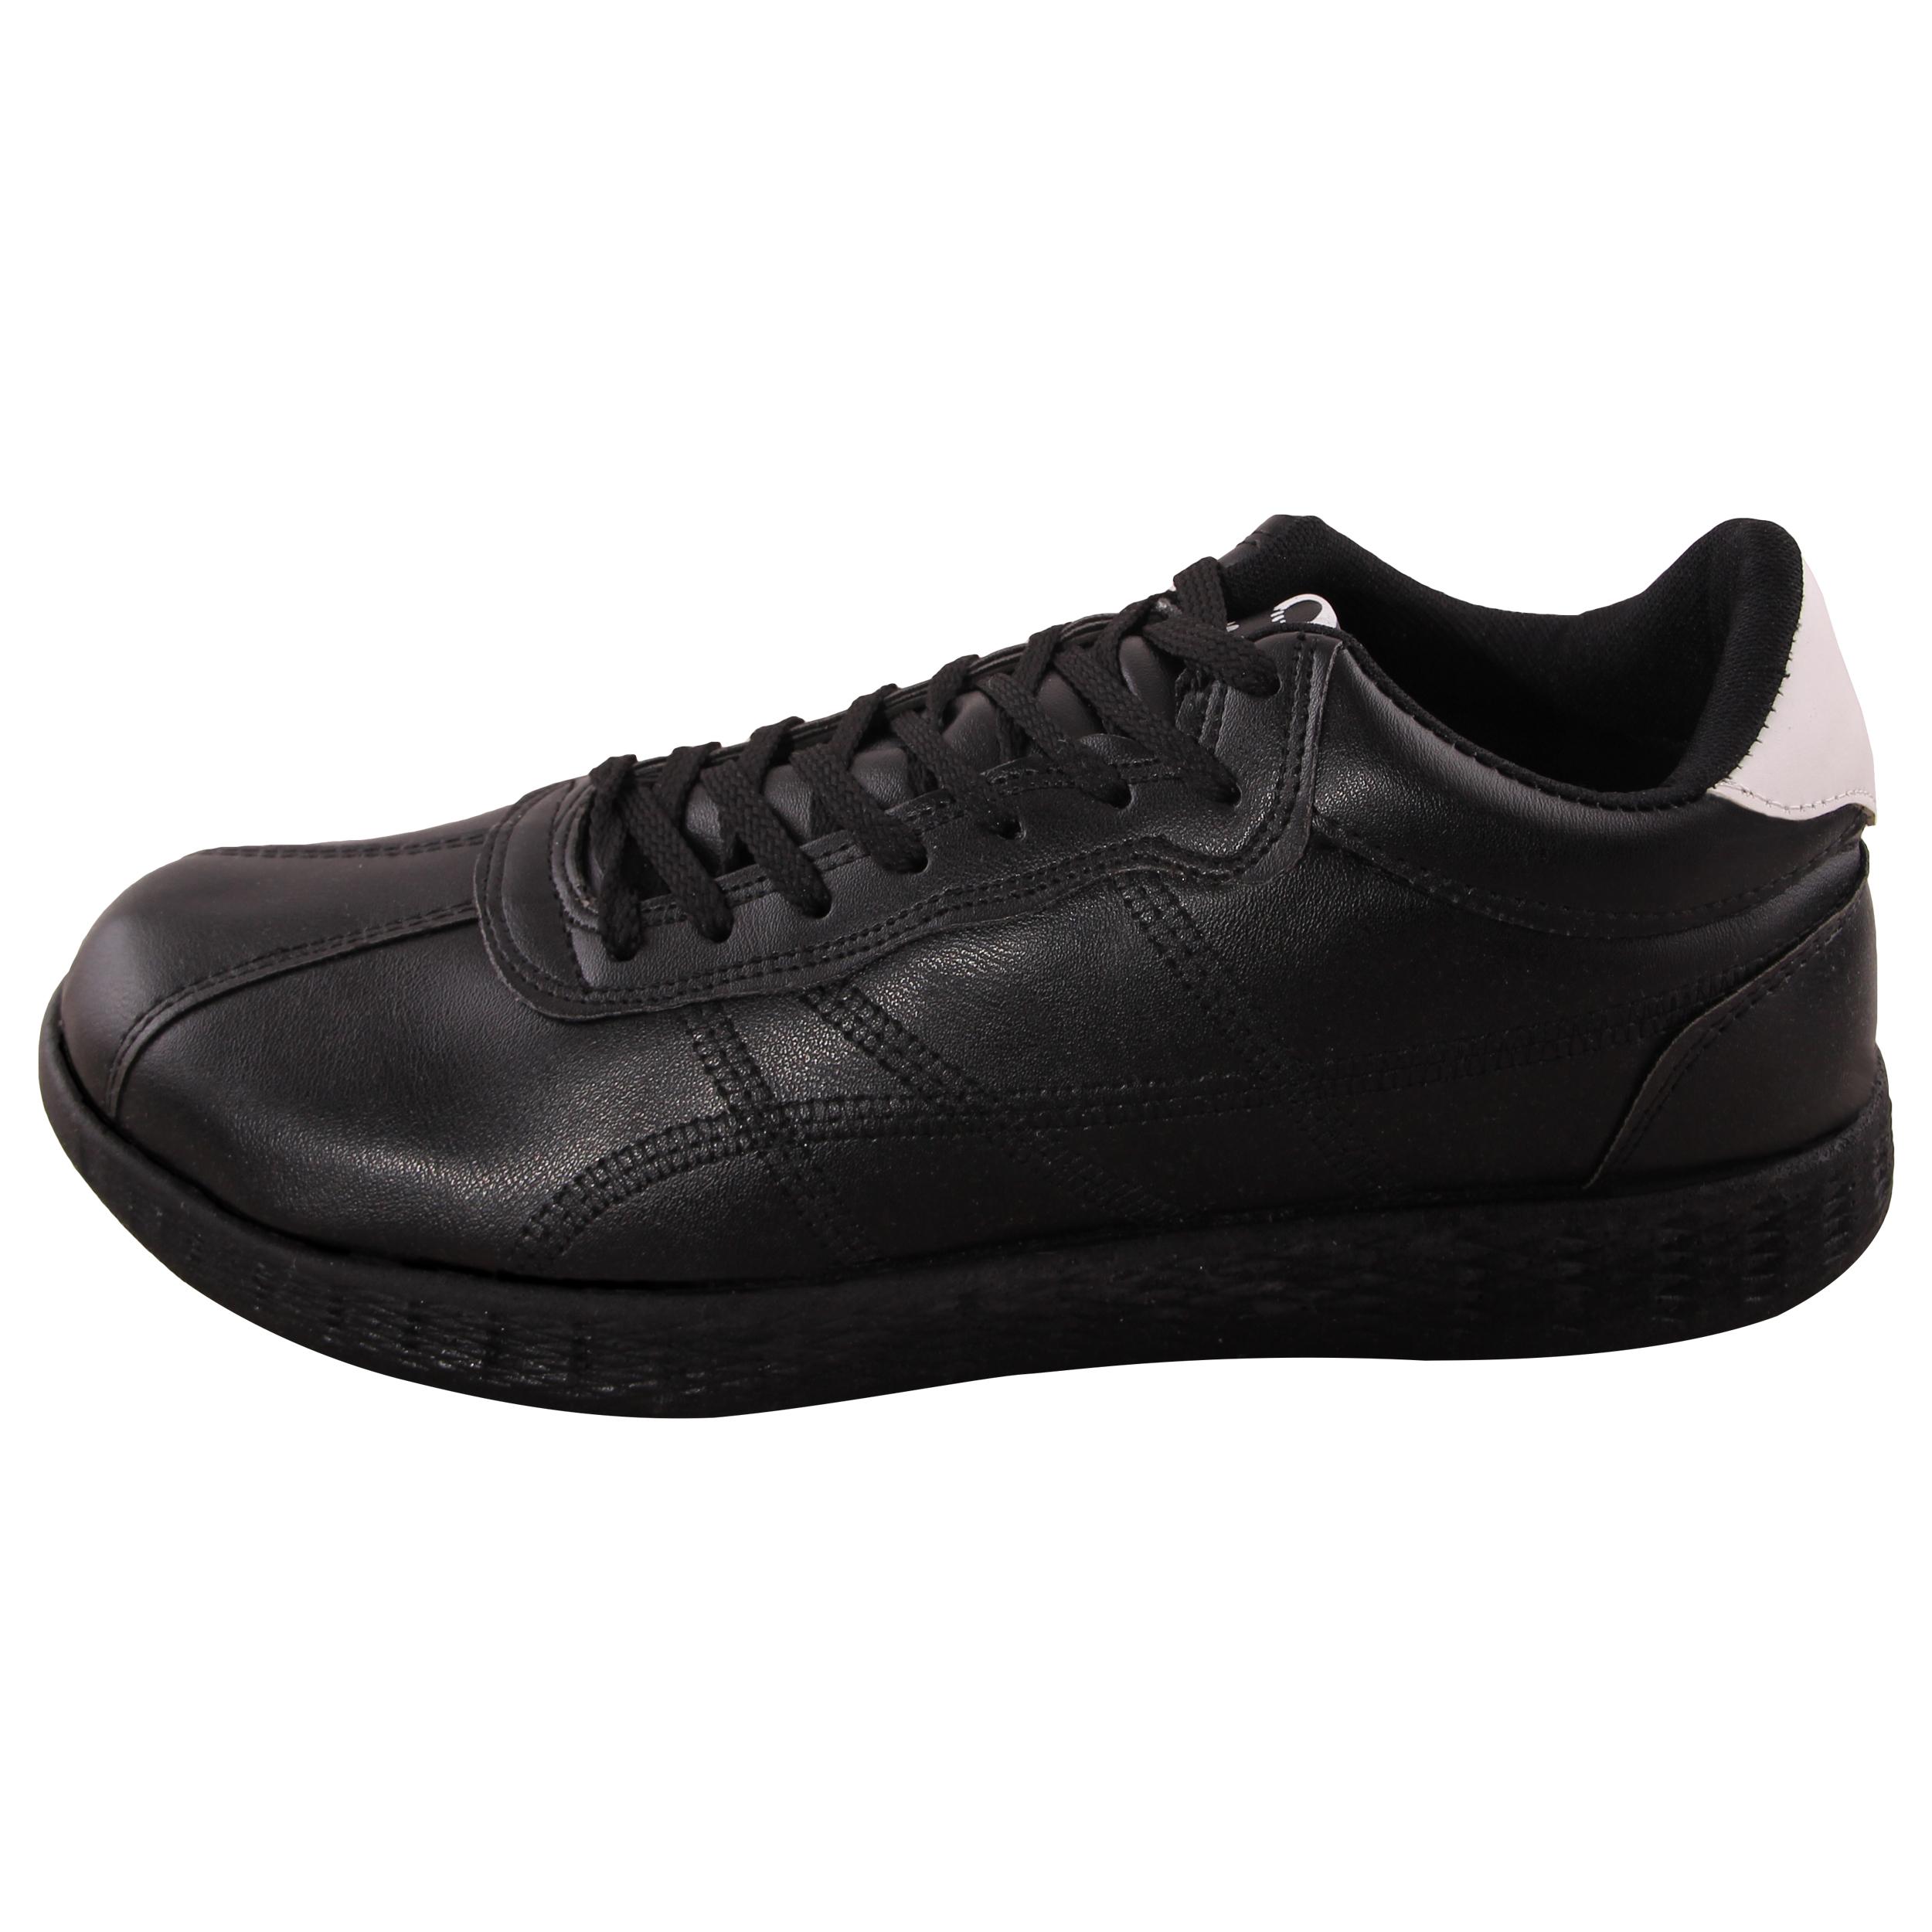 کفش مخصوص پیاده روی مردانه اسپرت من کد 1-1-39785